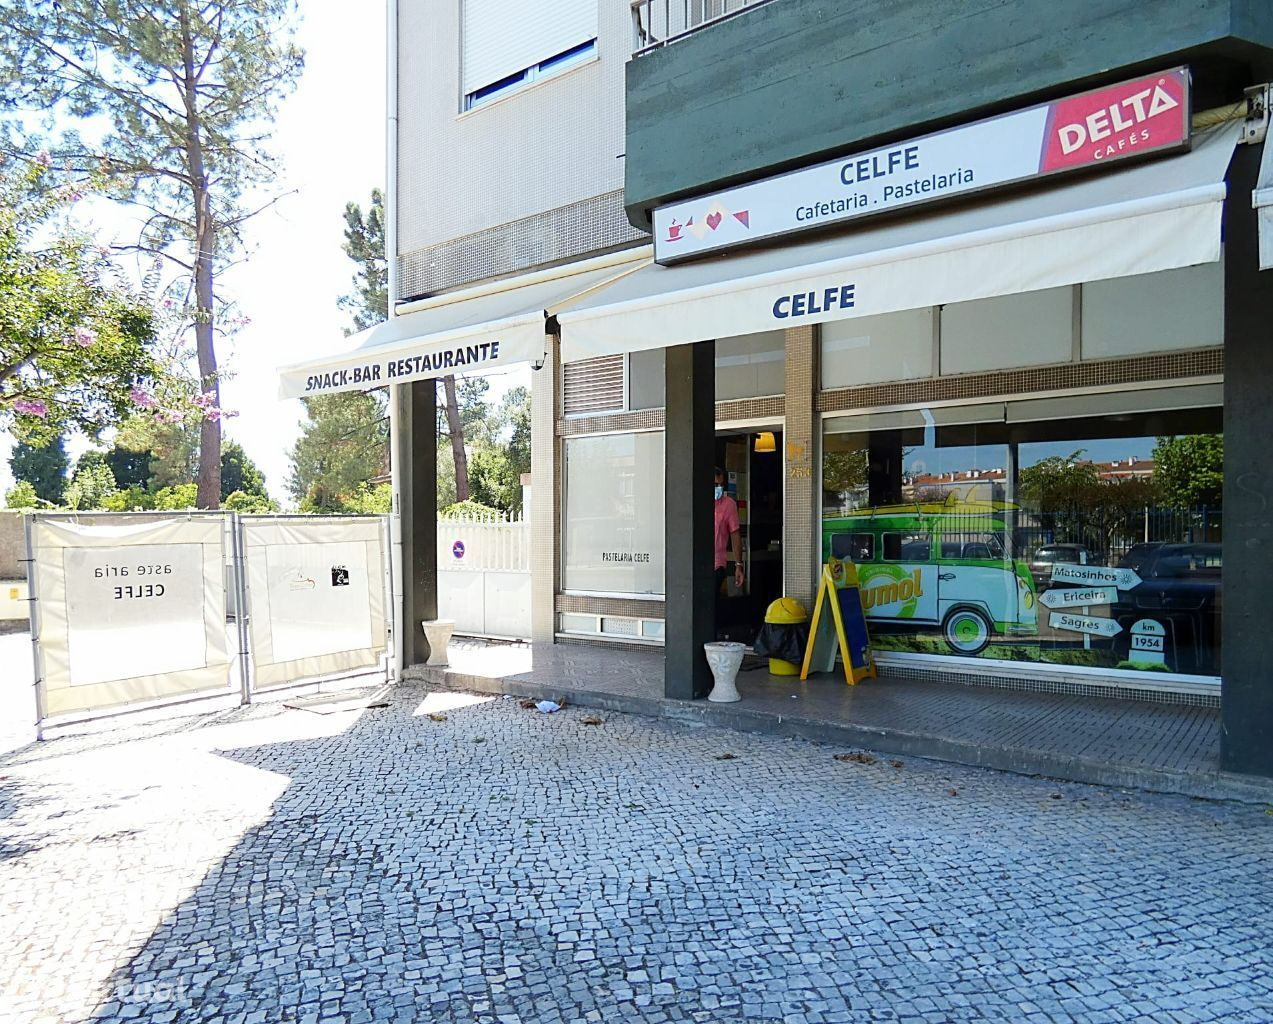 Pastelaria Celfe em frente à Escola Secundária Adolfo Portela.